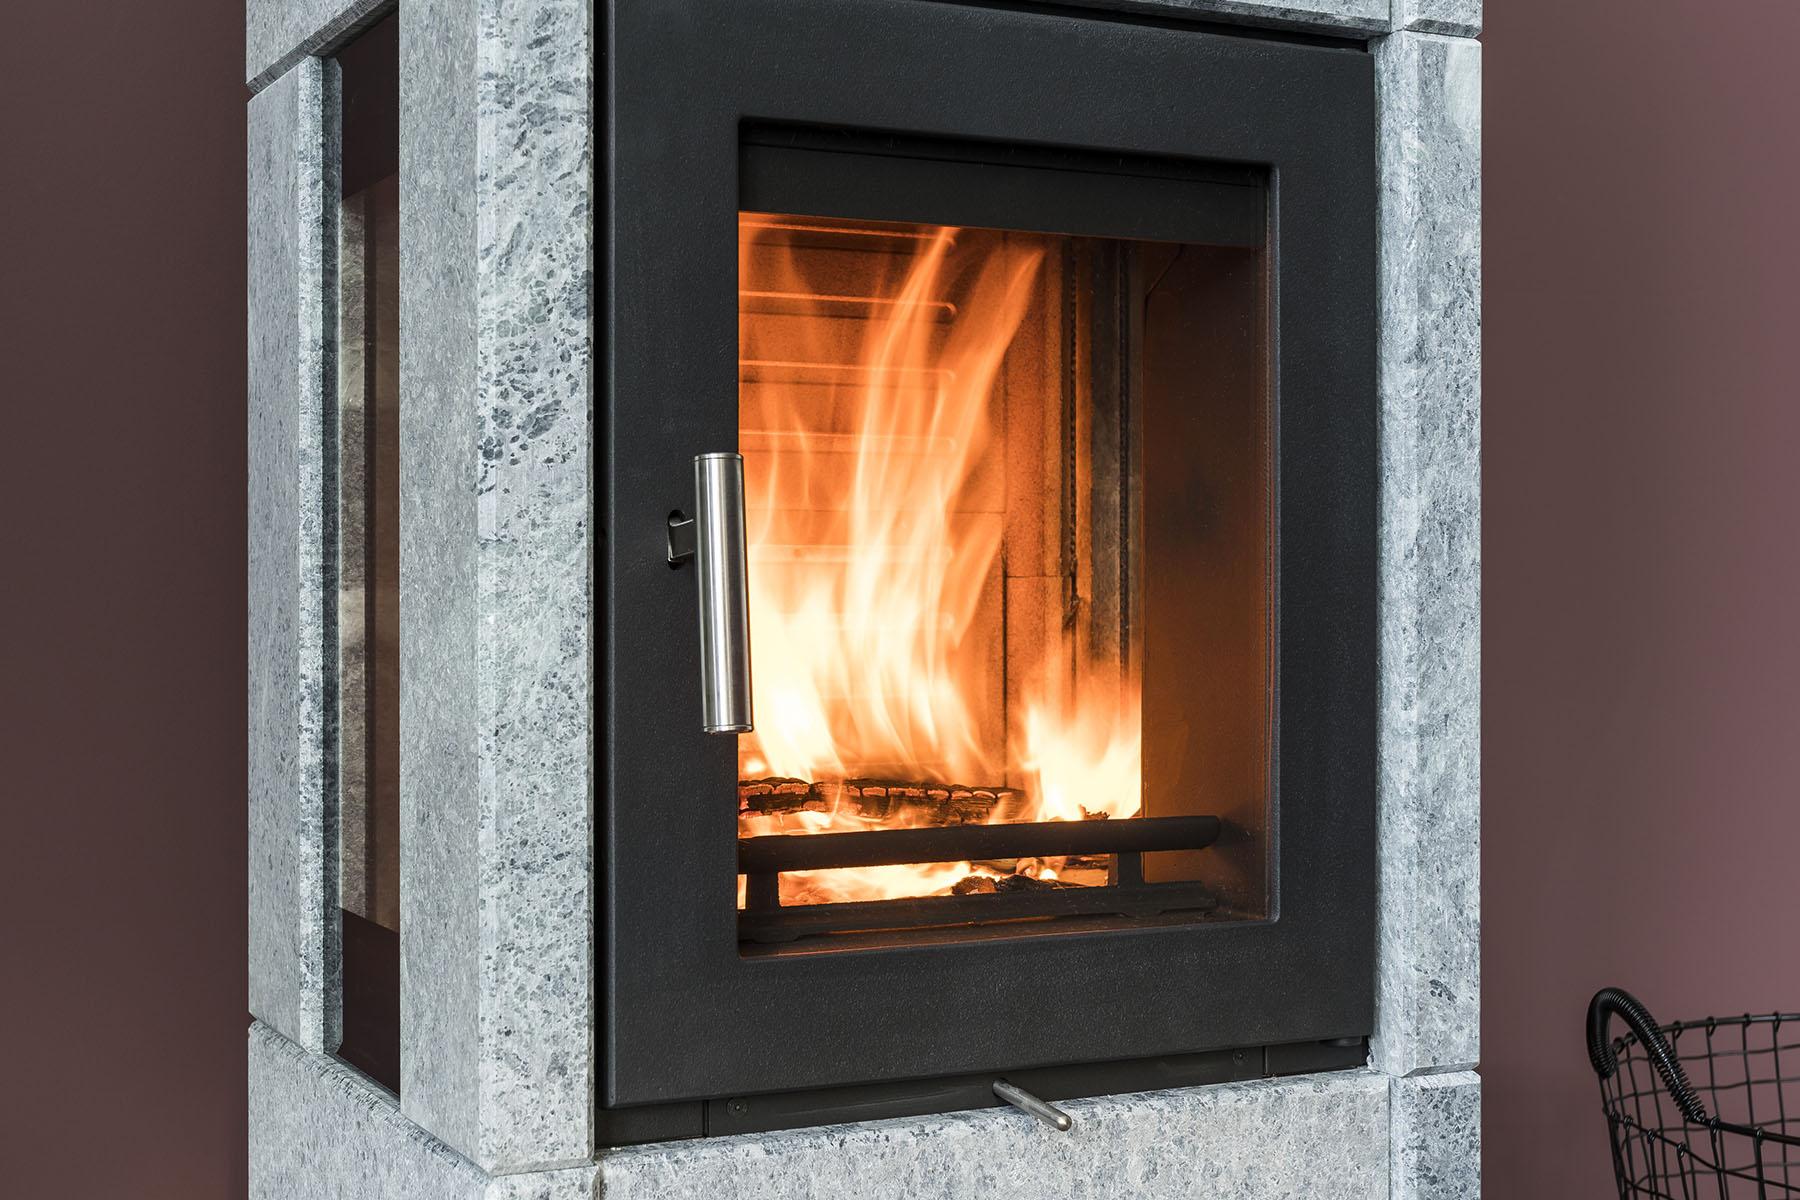 Alle Griffe unserer Öfen sind aus glänzendem Stahl mit natürlicher Luftkühlung, d. h. sie können auch benutzt werden, wenn der Ofen heiß ist.